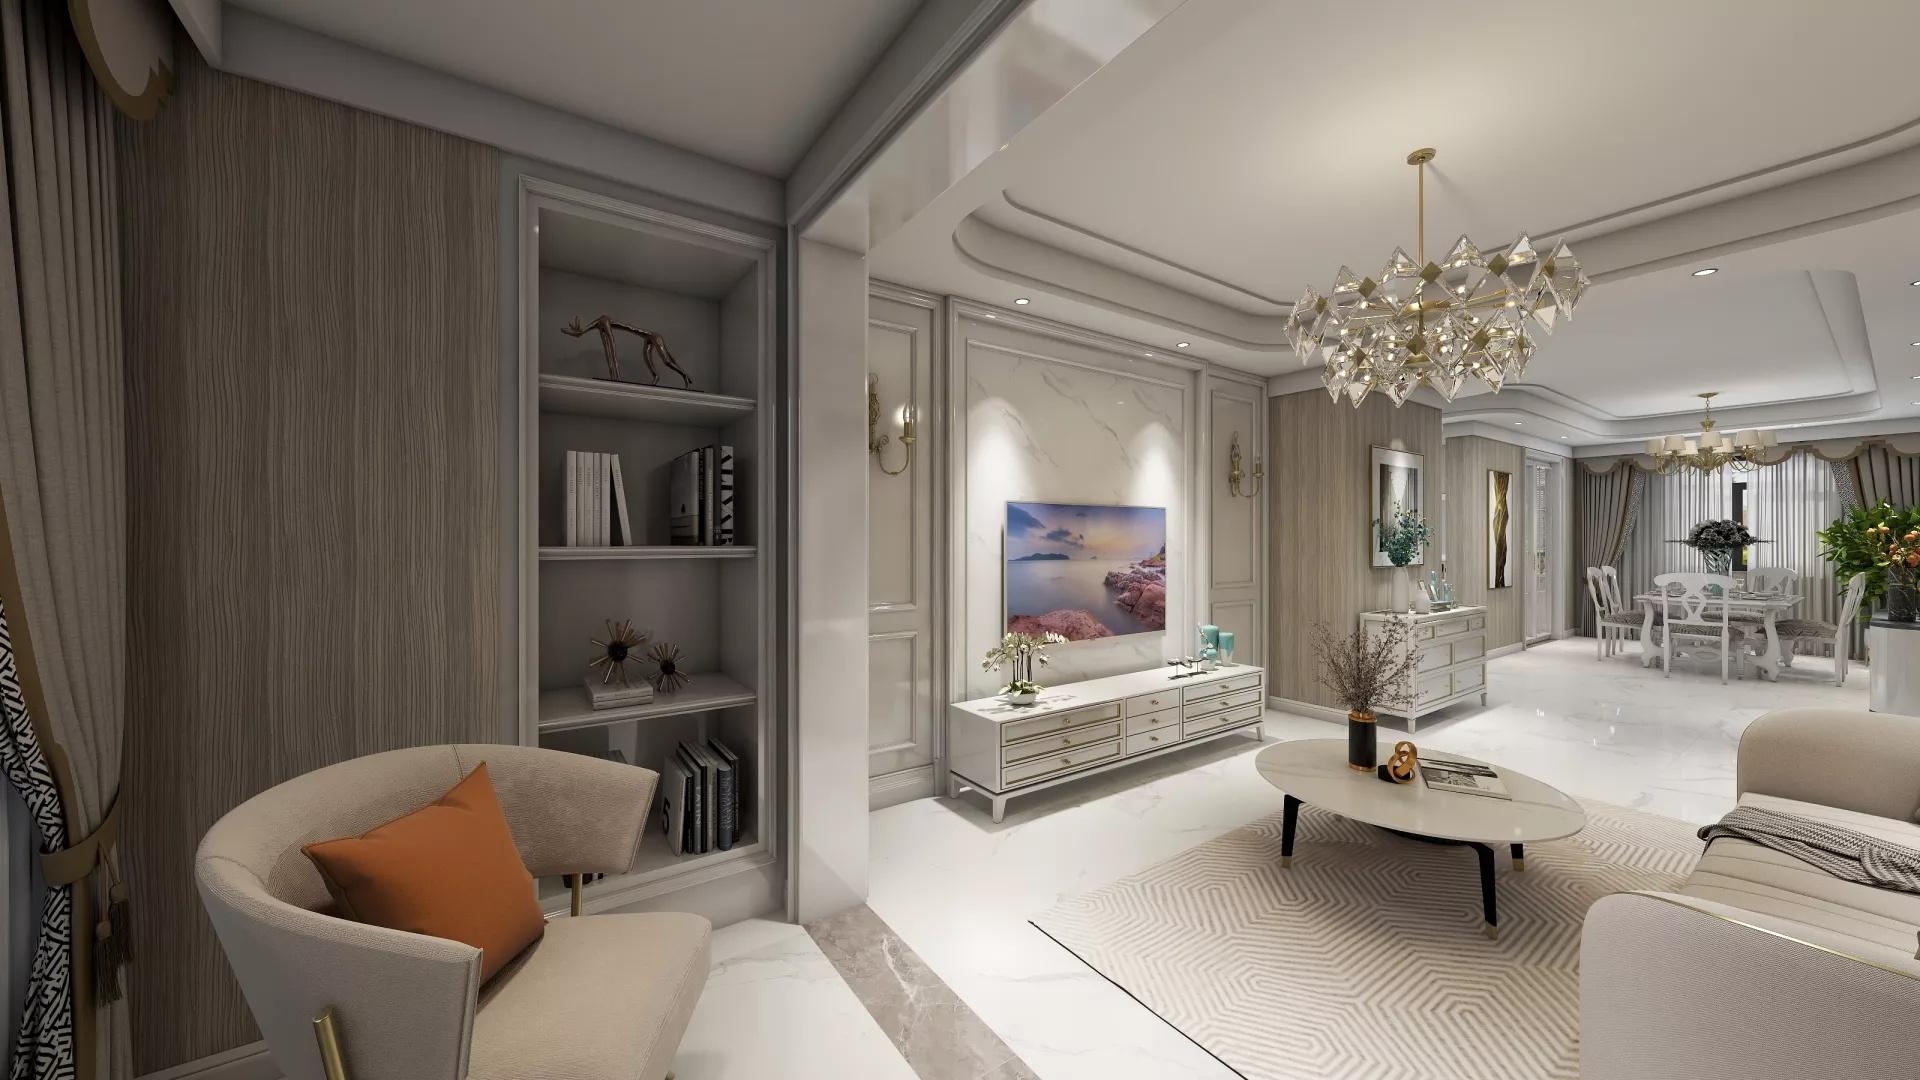 小户型舒适温馨风格客厅沙发装修效果图